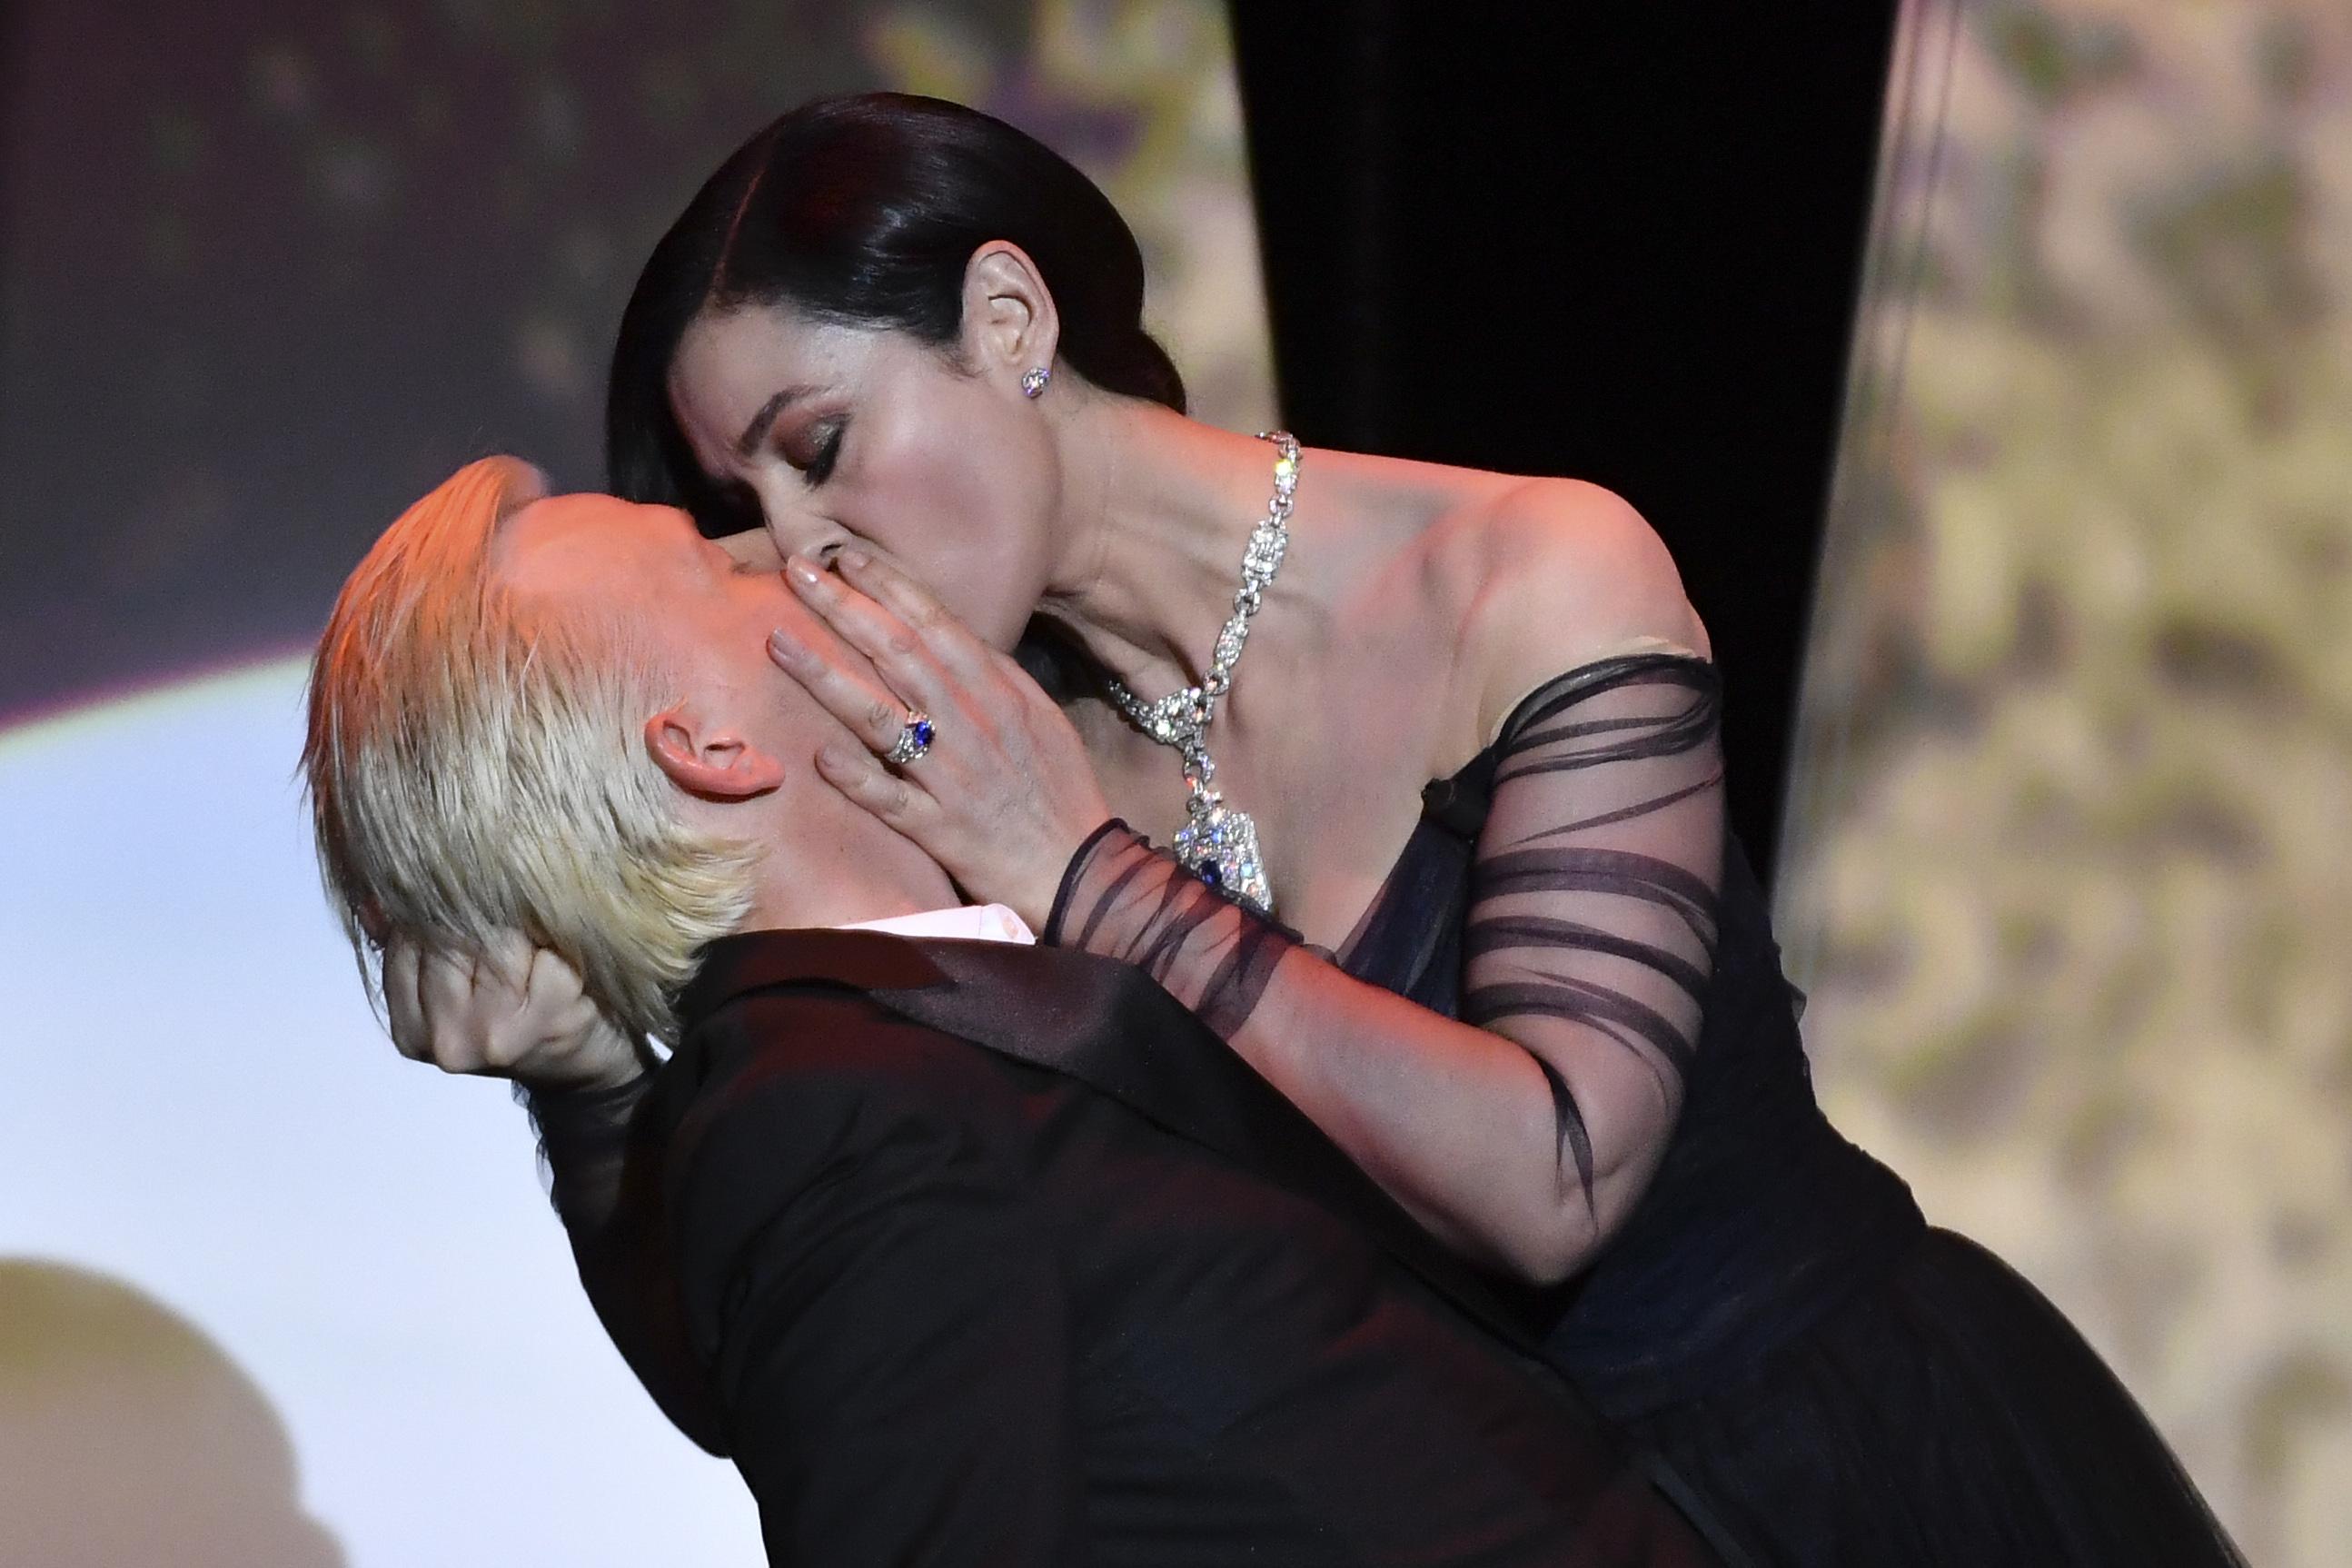 مونيكا بيلوتشي تشعل أجواء حفل افتتاح مهرجان كان بقبلات حارة للفنان أليكس لوتز